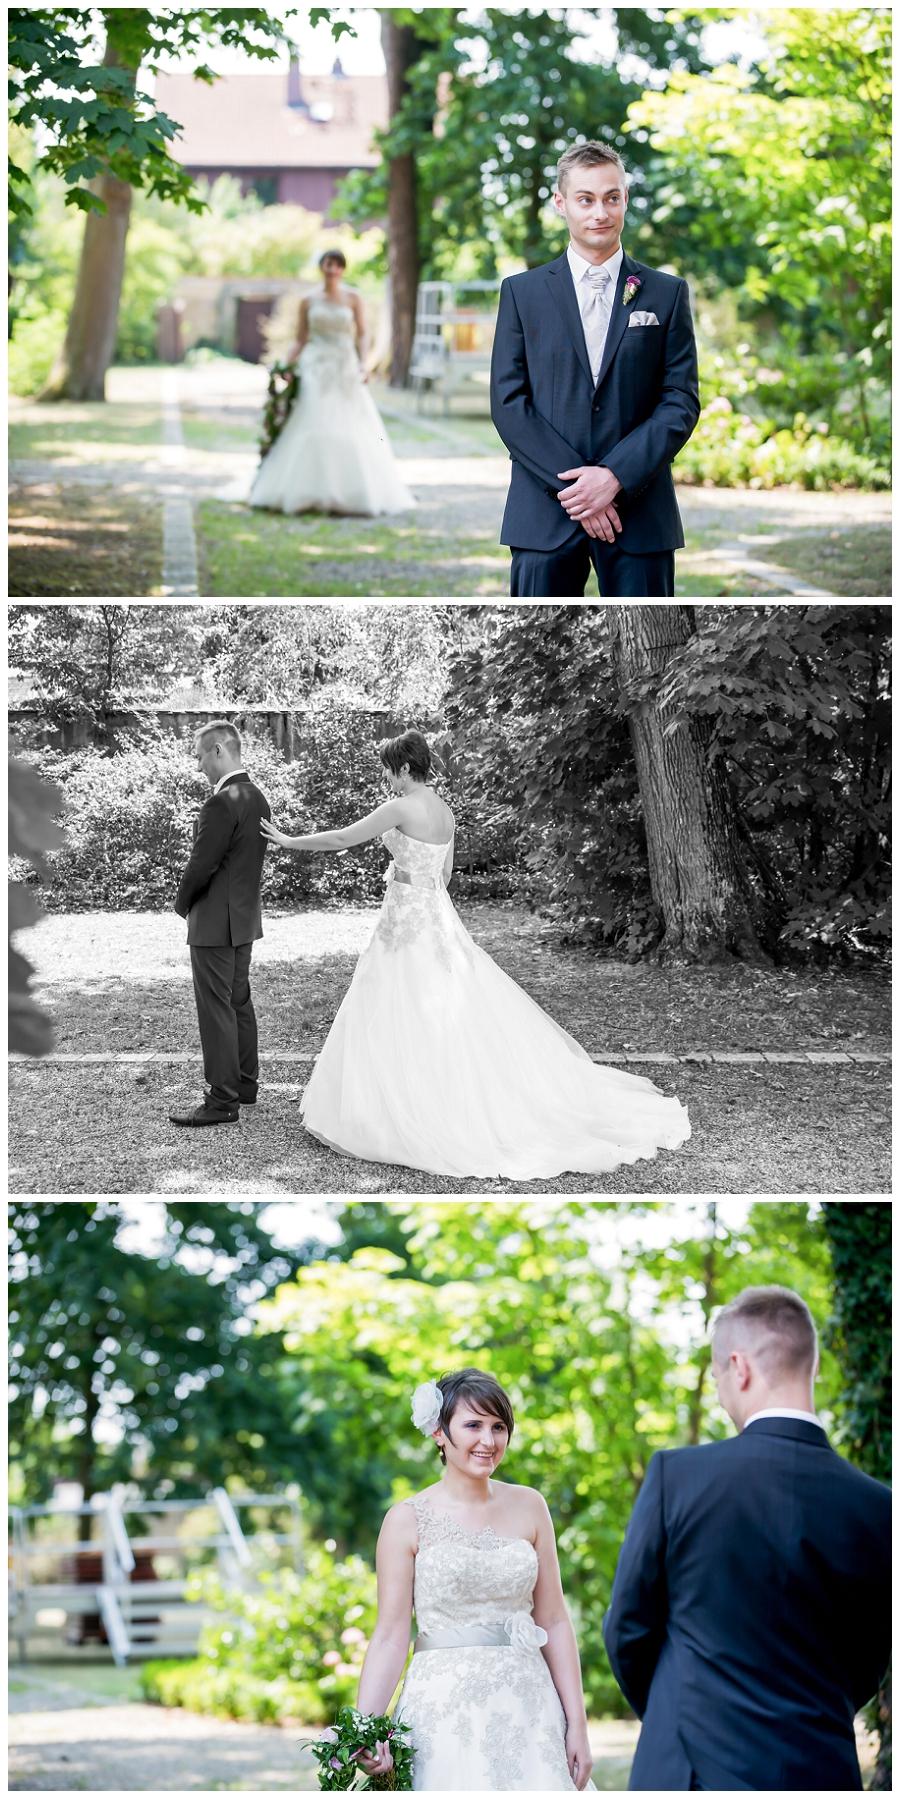 Hochzeitsbilder_GwächshausNuernberg_Bamberg_FreiTrauung_0016